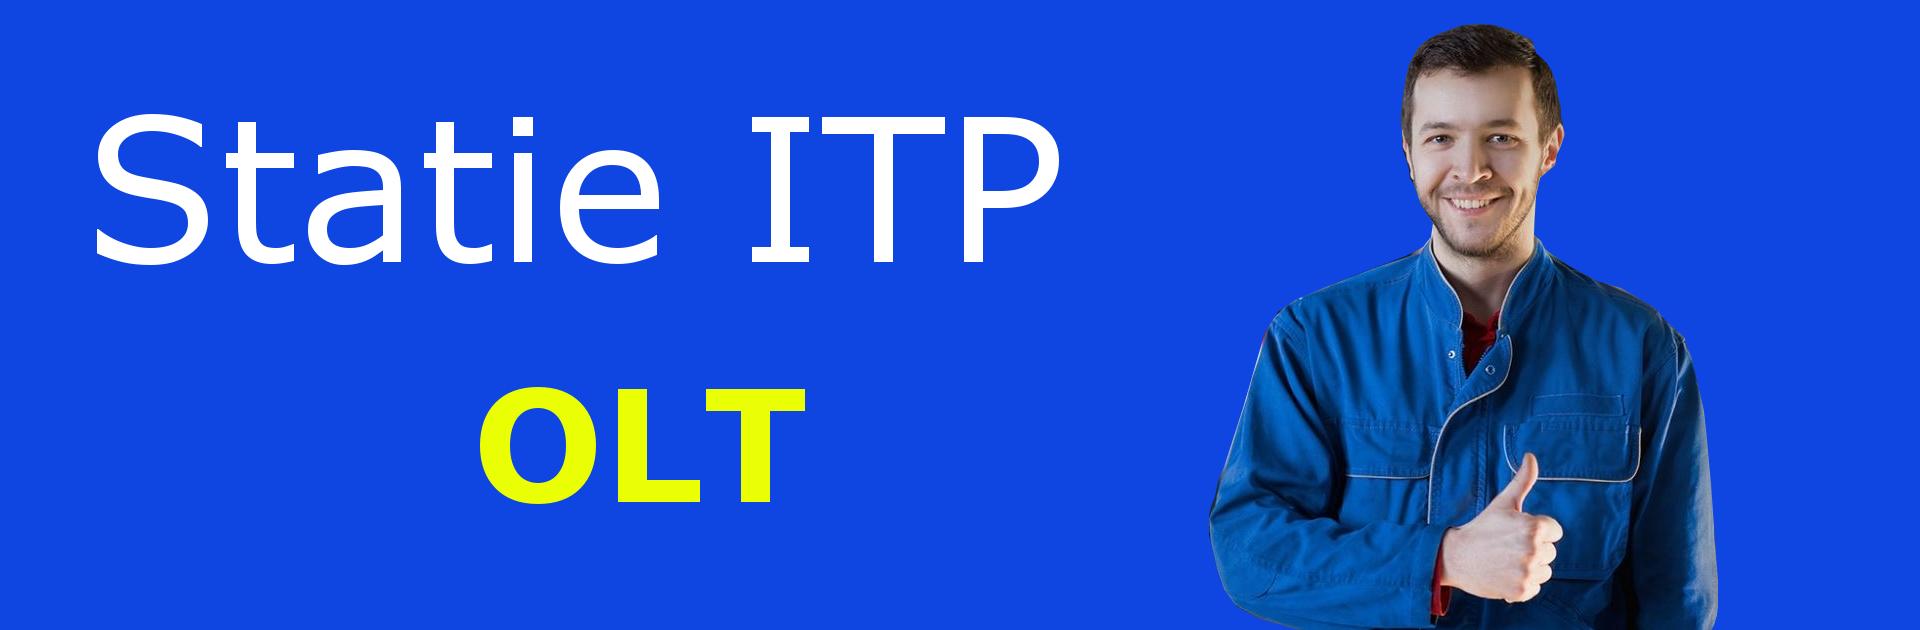 Banner ITP OLT